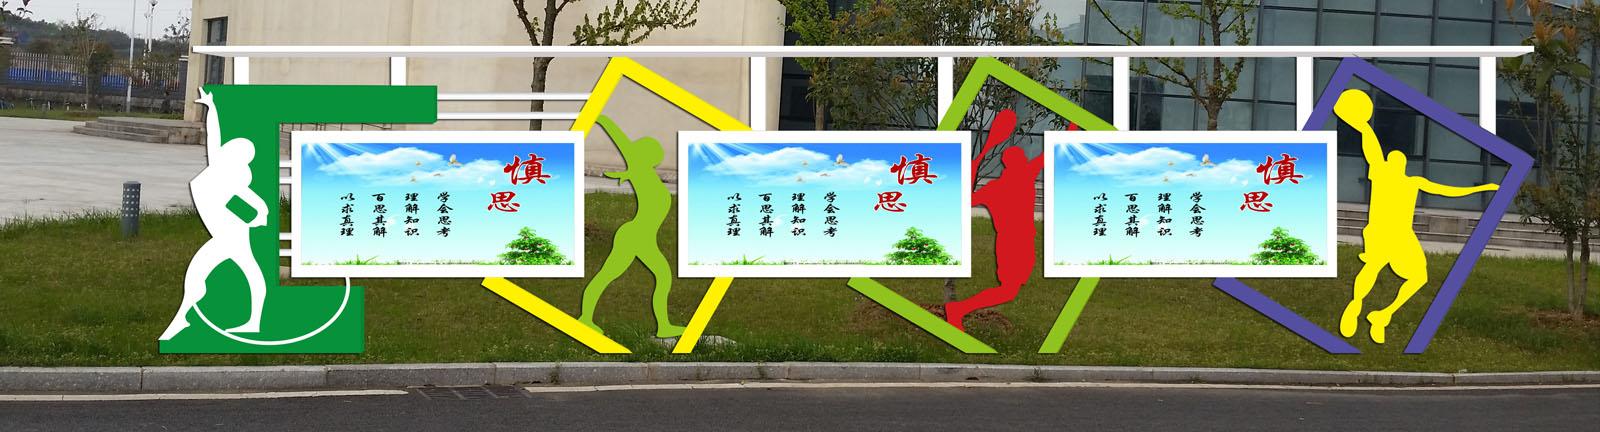 潮州公交候车亭